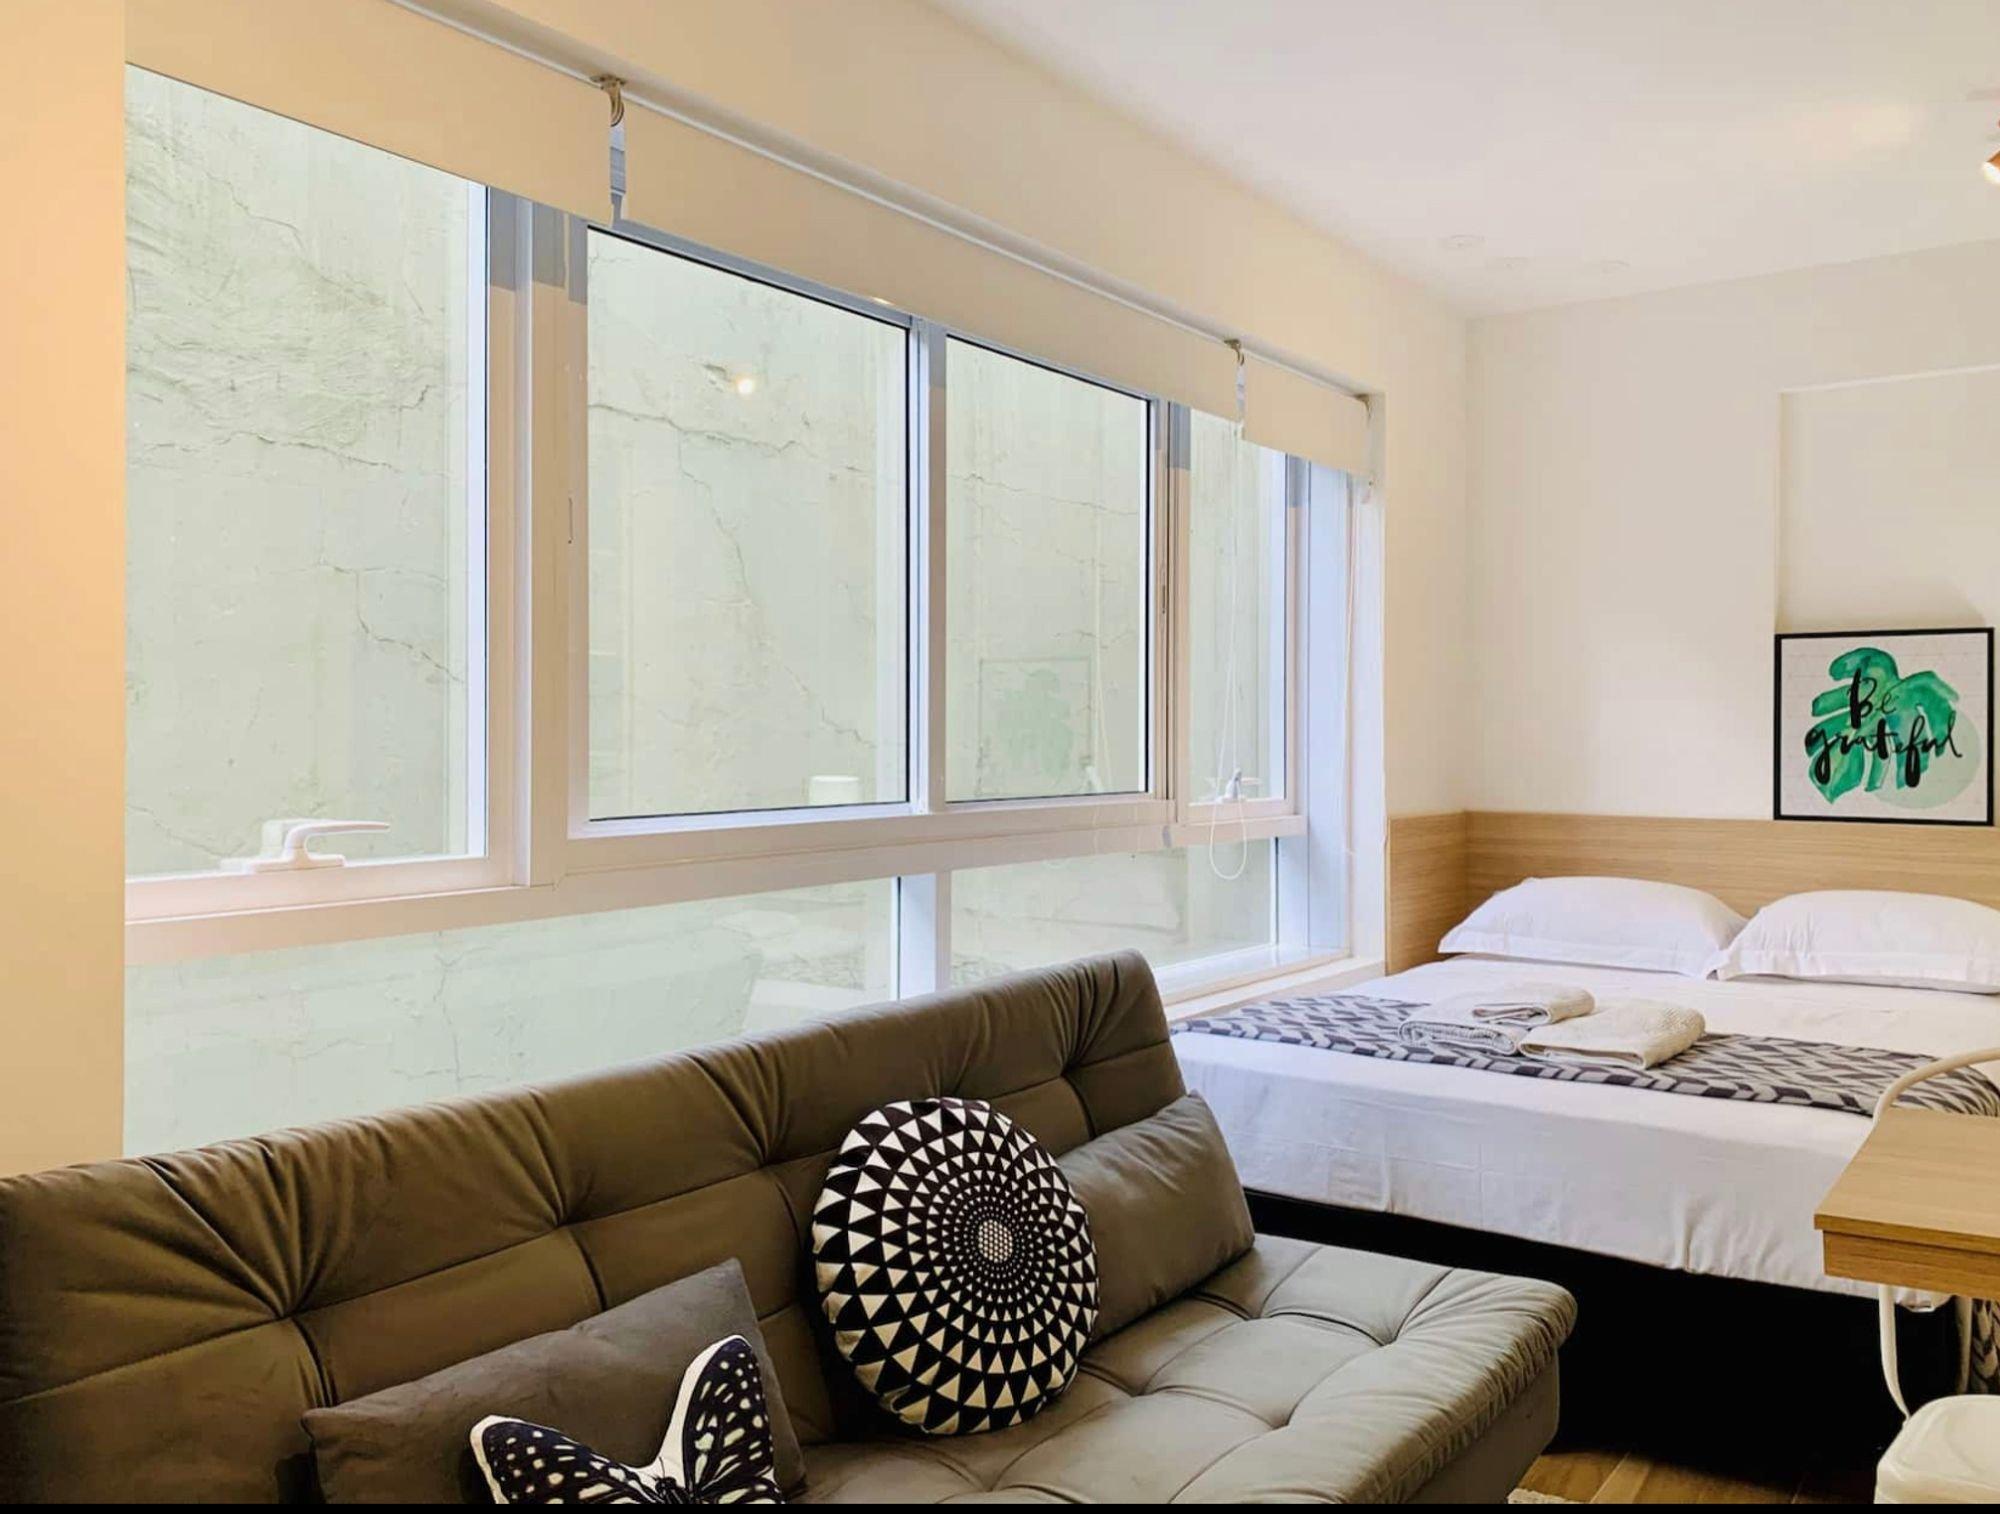 Foto de Quarto com cama, sofá